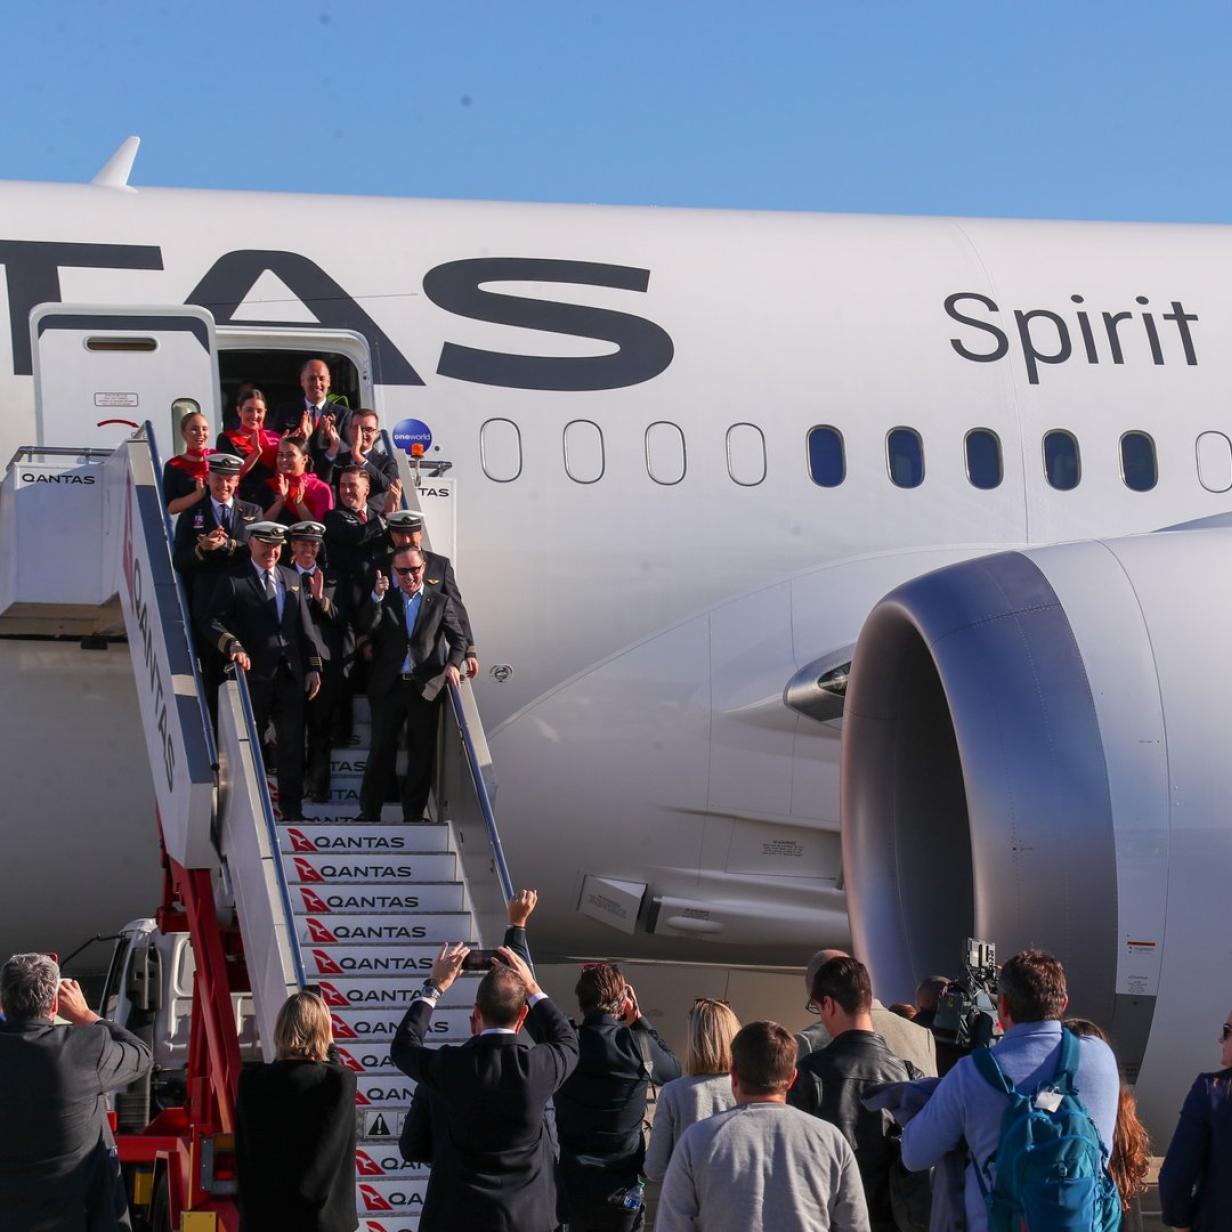 19 Stunden nonstop: Dorthin ging der längste Flug der Welt